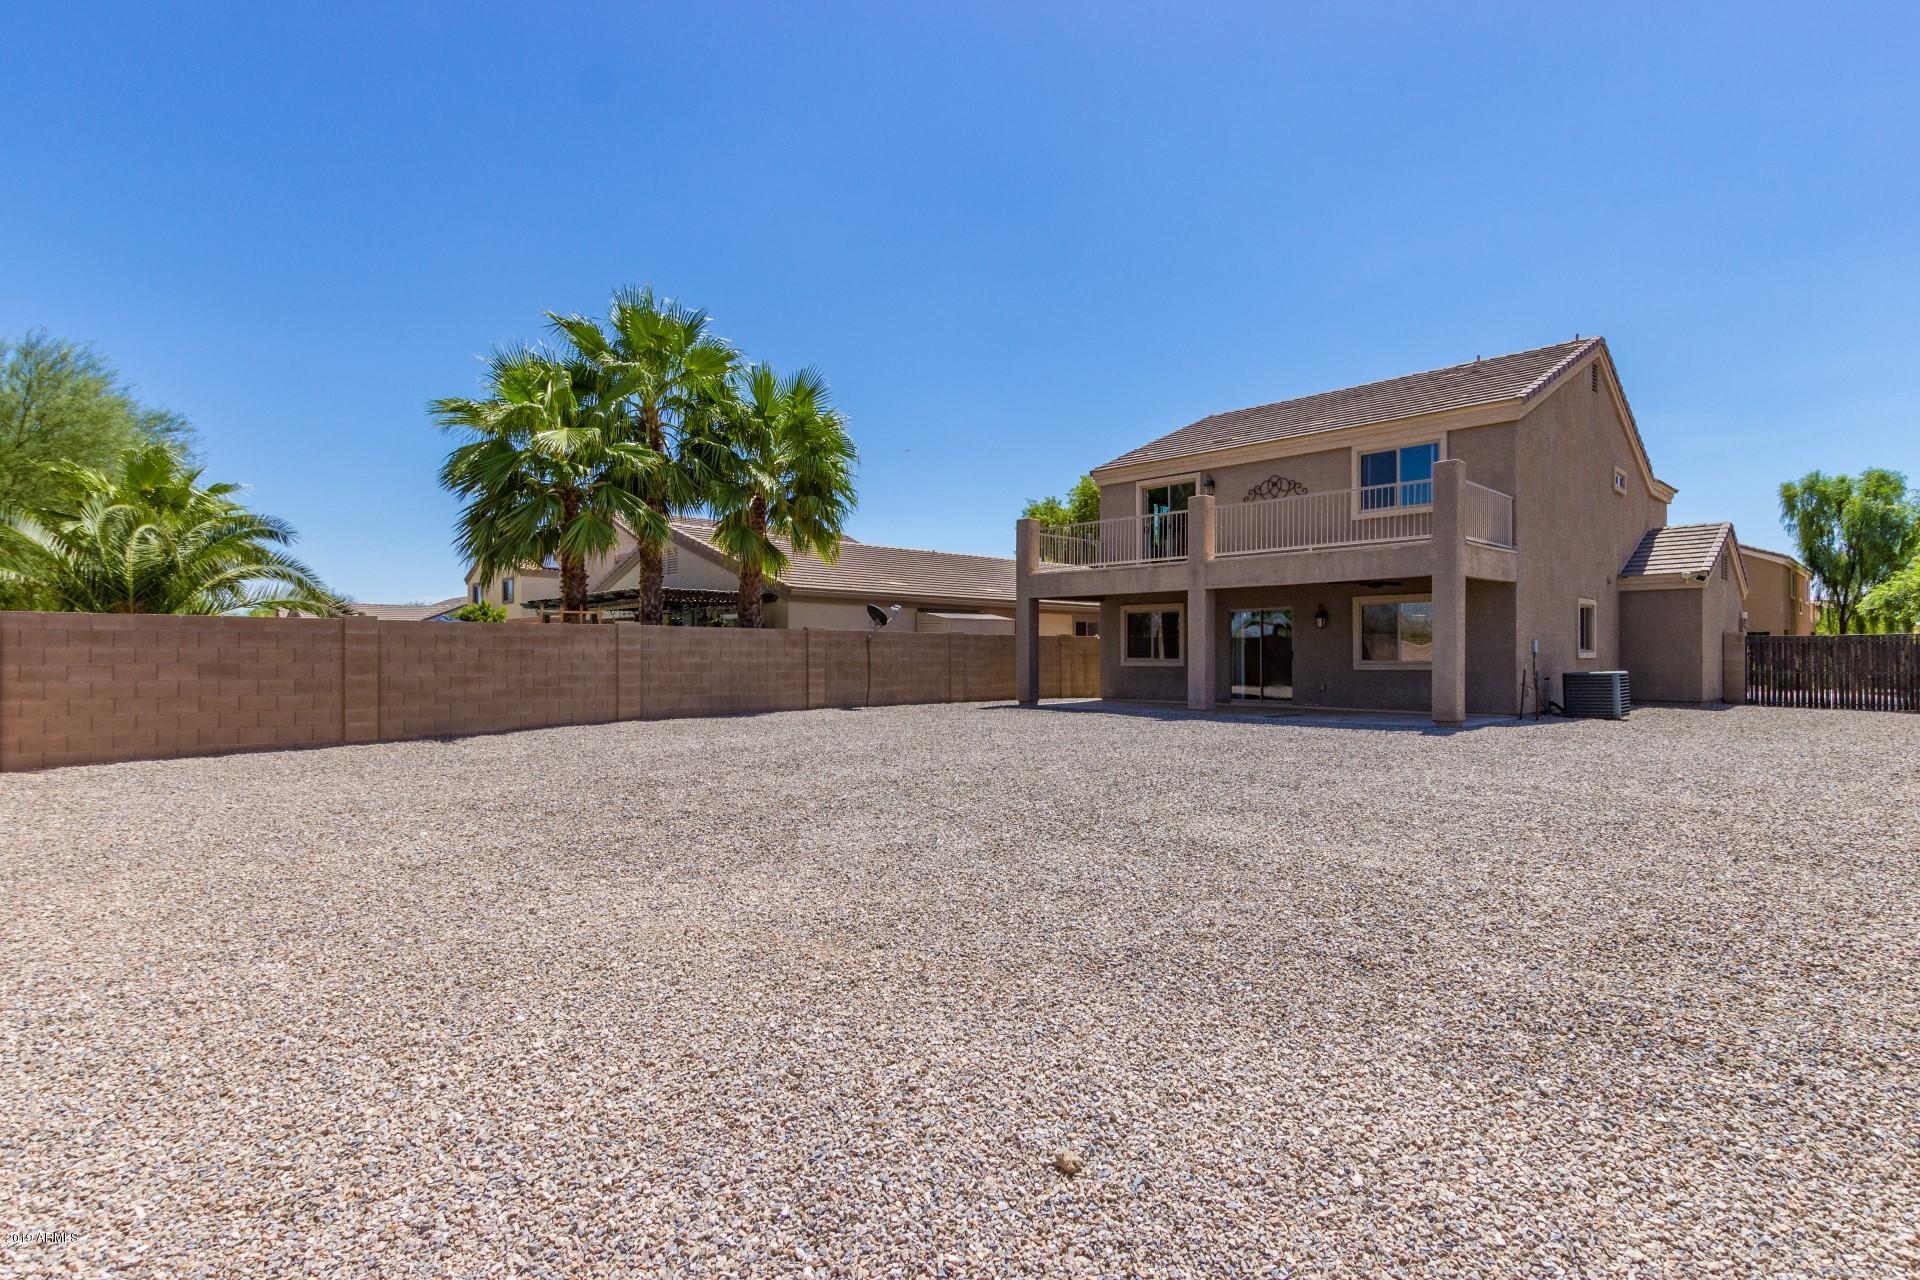 MLS 5971580 538 E DRAGON SPRINGS Drive, Casa Grande, AZ 85122 Casa Grande AZ Ghost Ranch